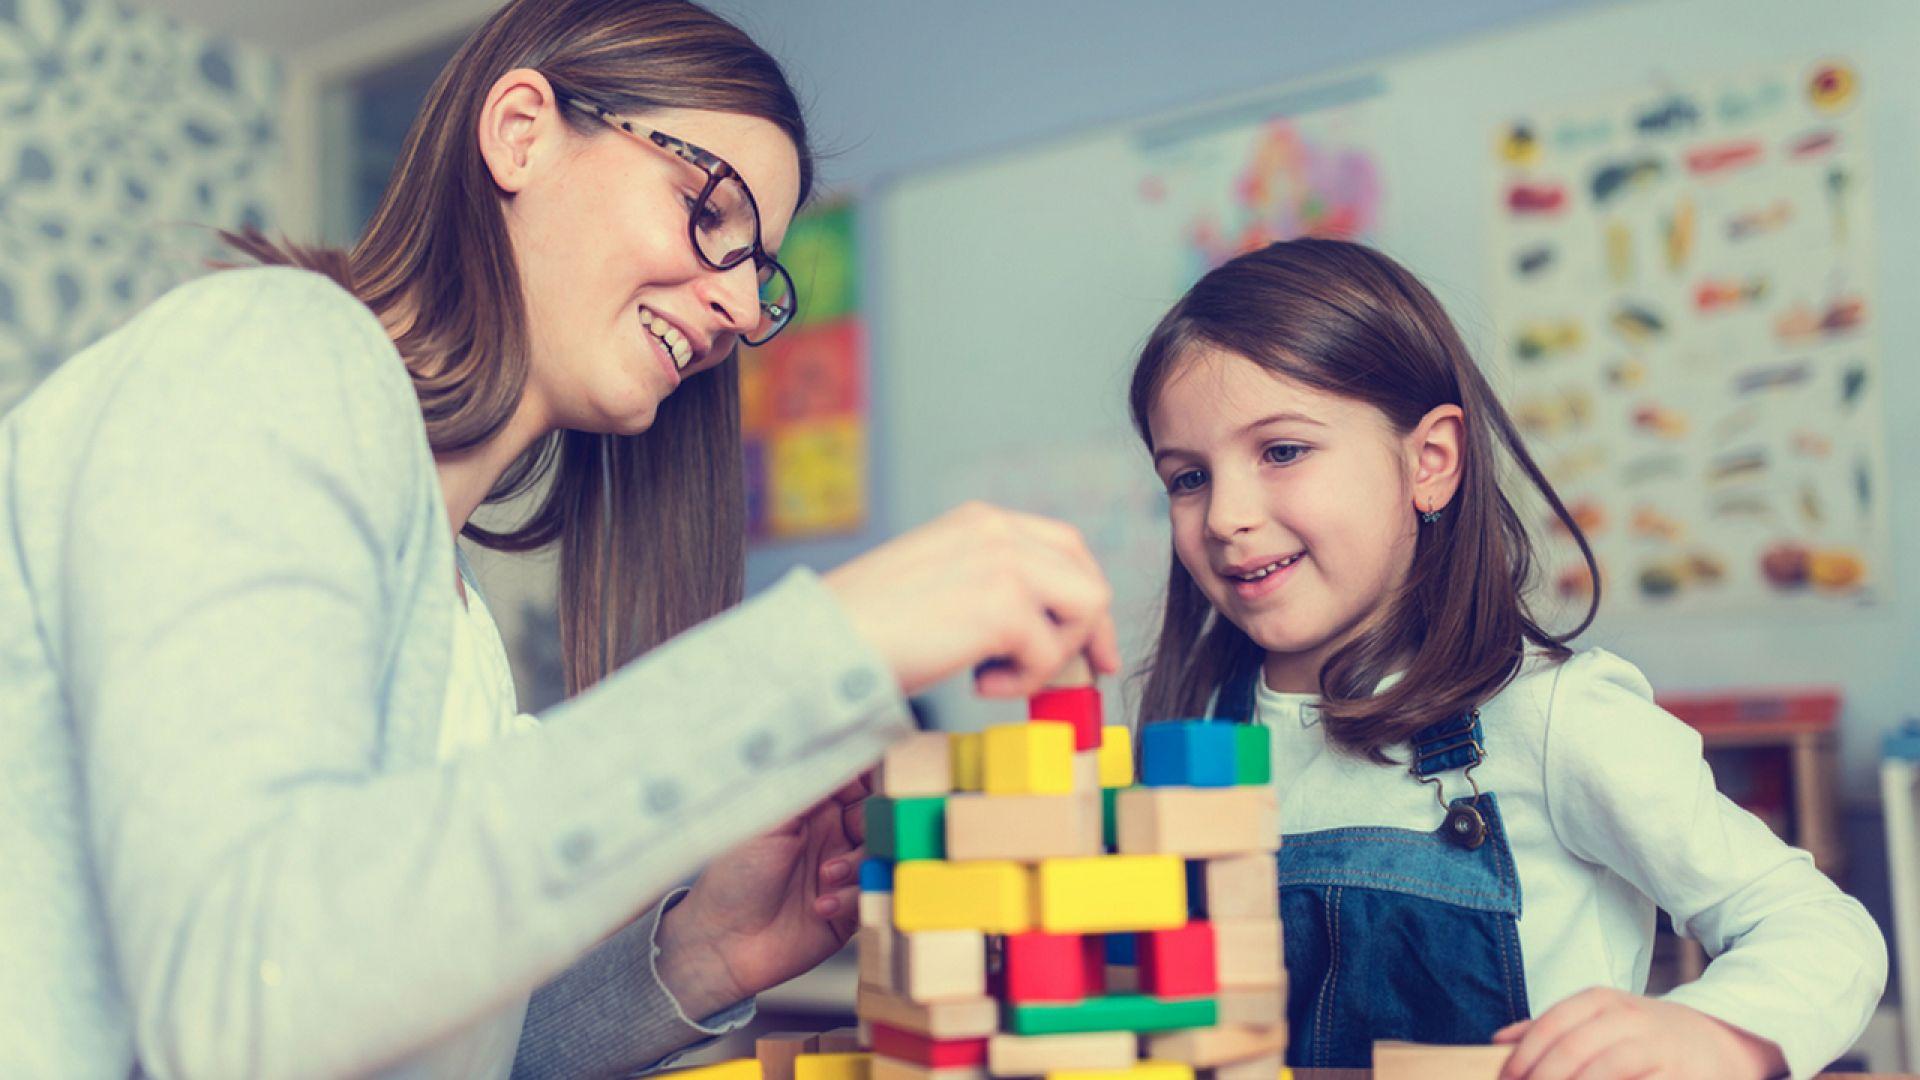 15 важнейших вопросов о няне, на которые должна знать ответ каждая мама -  Телеканал О! a52b4d579da